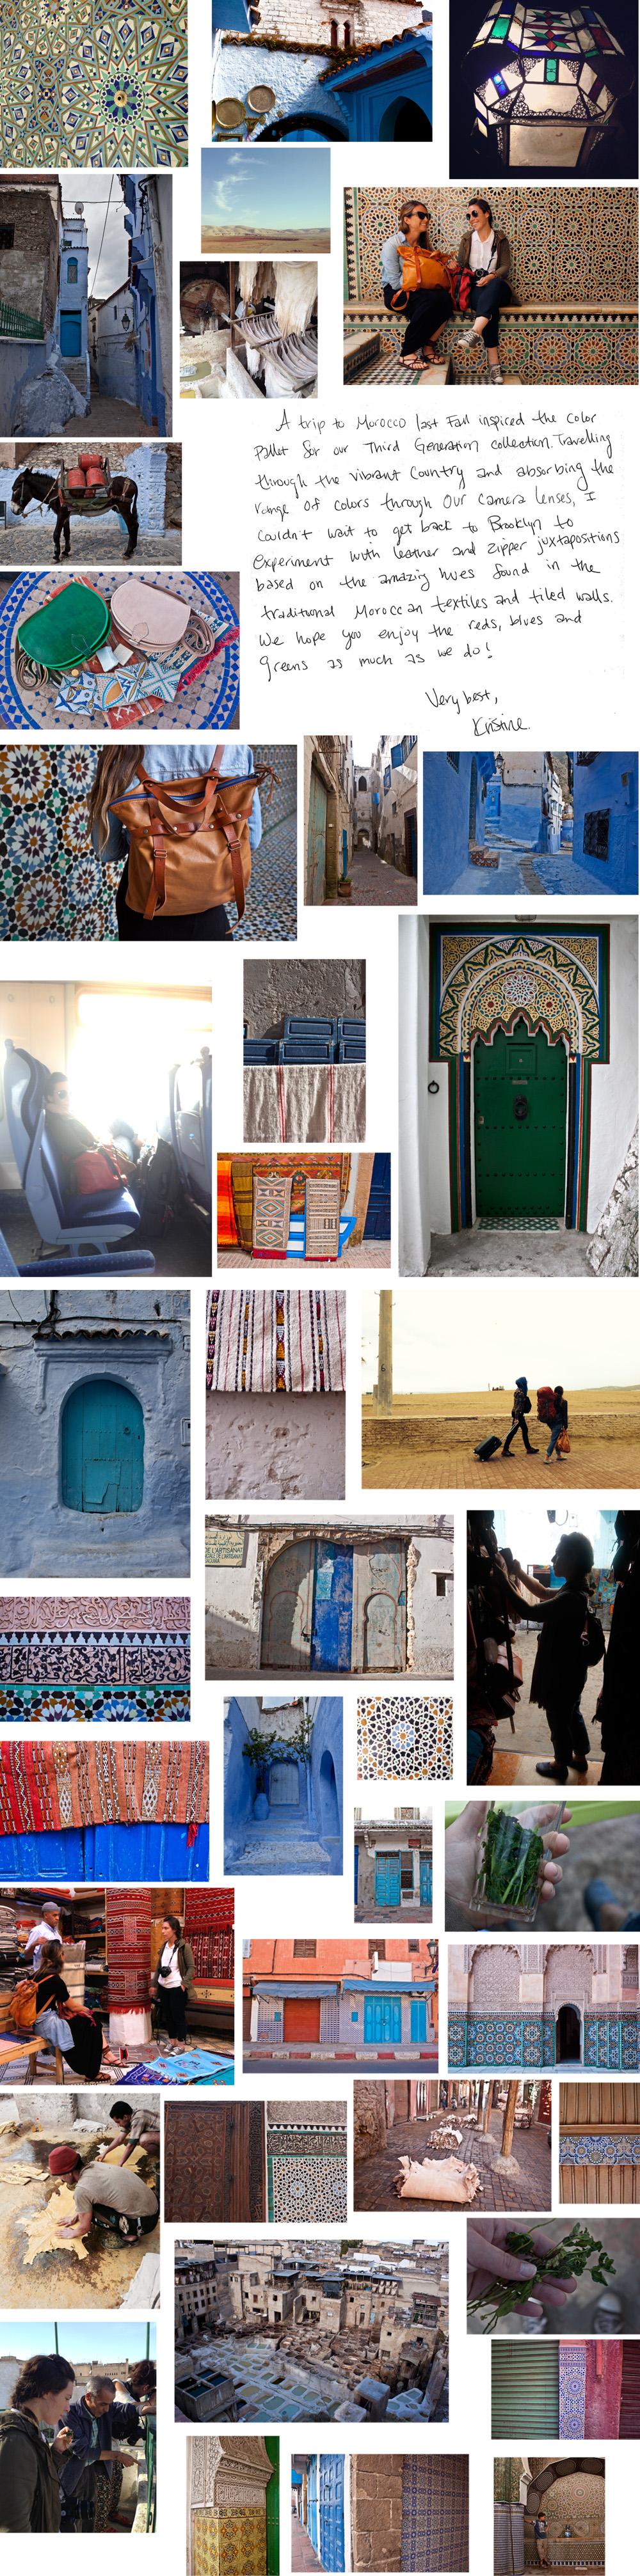 moroco- web-inspire page.jpg